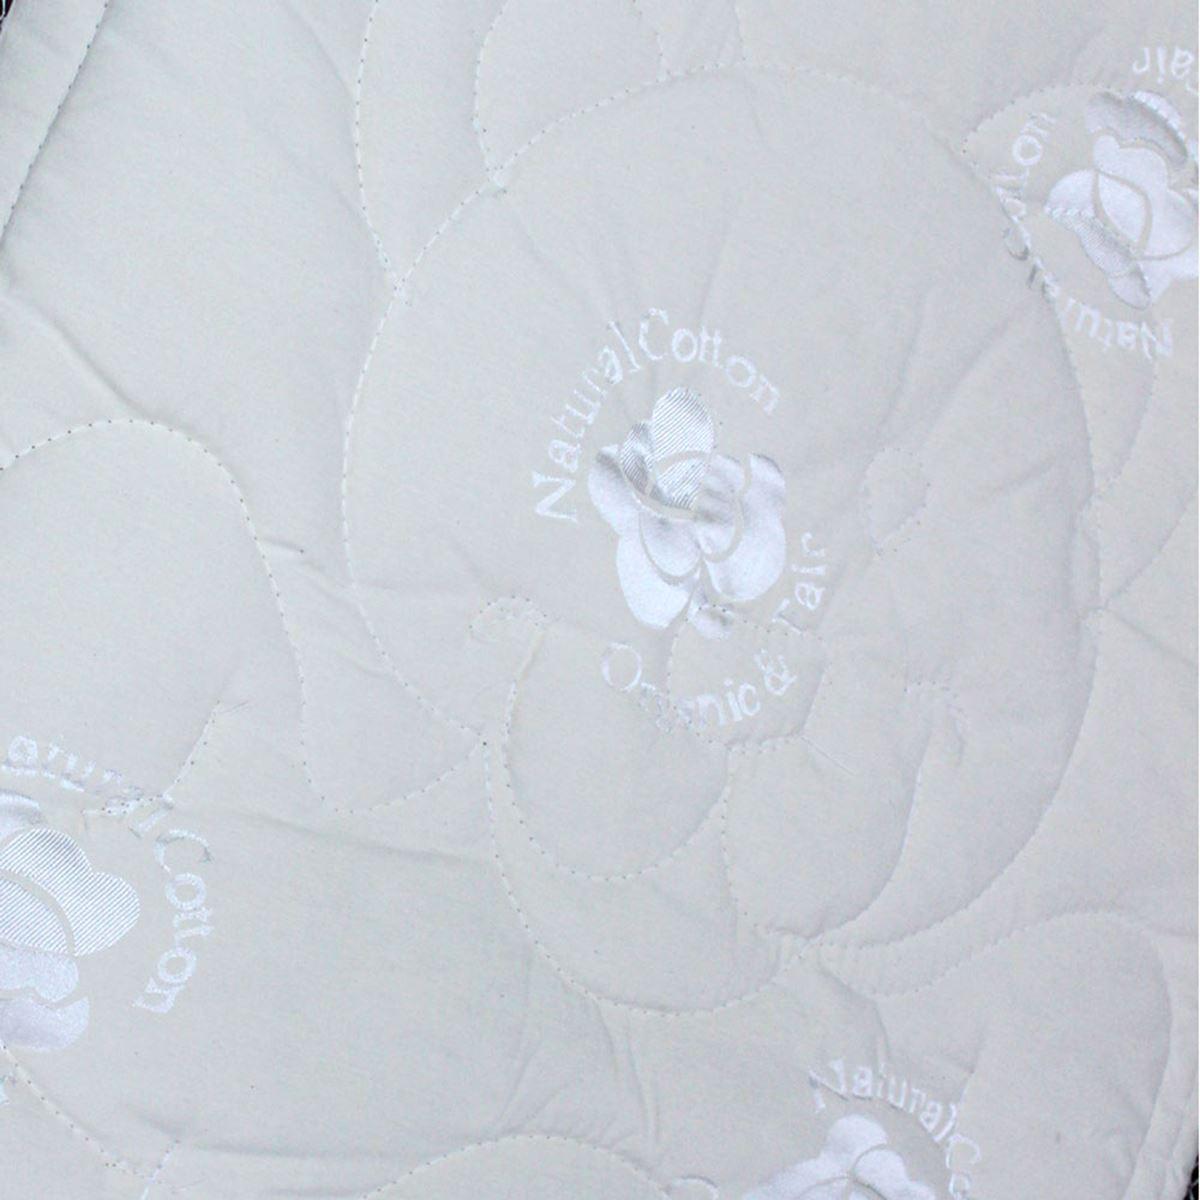 Mukabo Yükseklik 15 cm Nature Organik Kuzu Yünü Pamuklu Bebek Çocuk Ergonomik Yatak